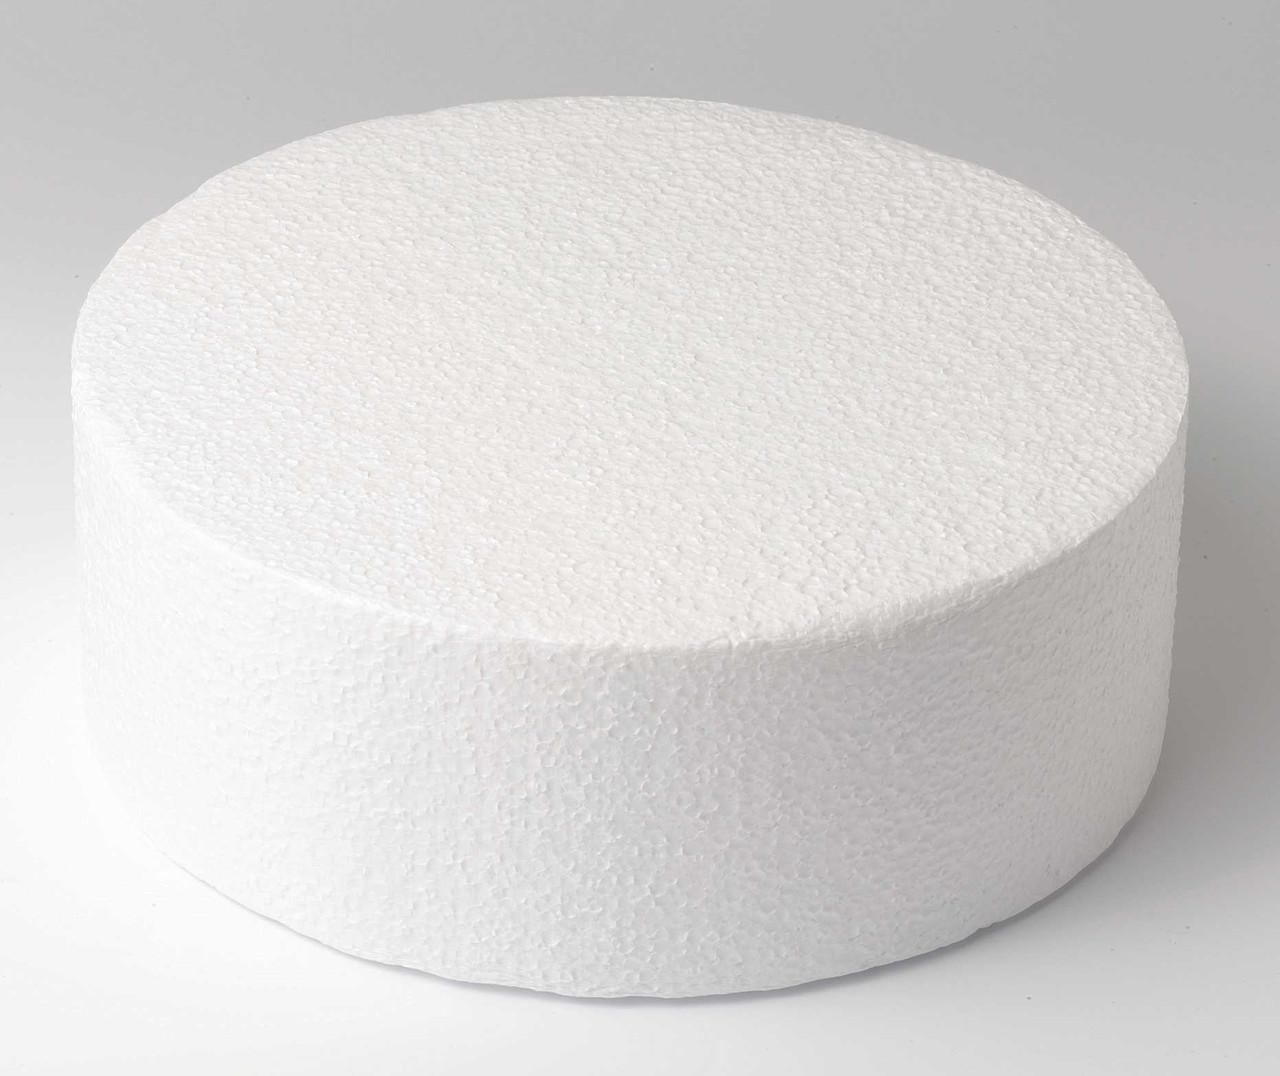 Пенопластовый муляж, диаметром 28 см